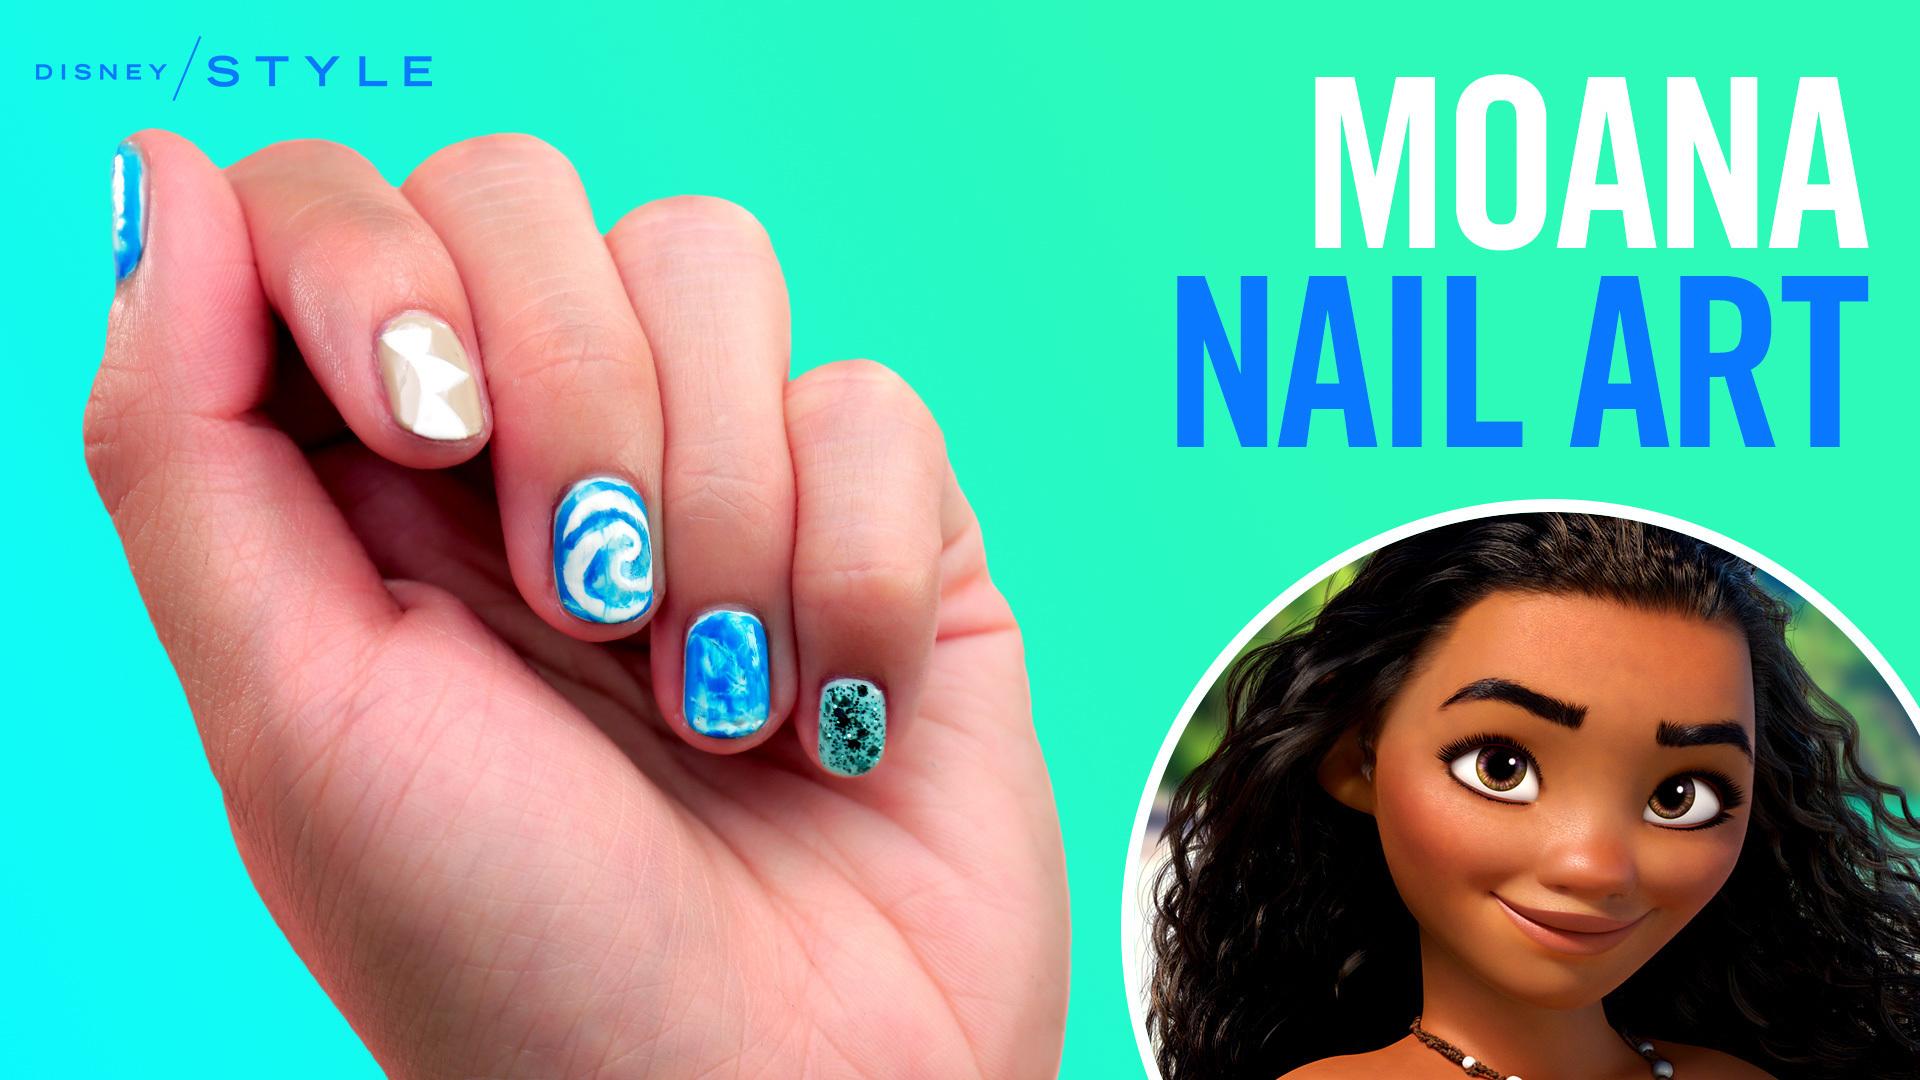 Moana Nail Art | TIPS | Disney Style